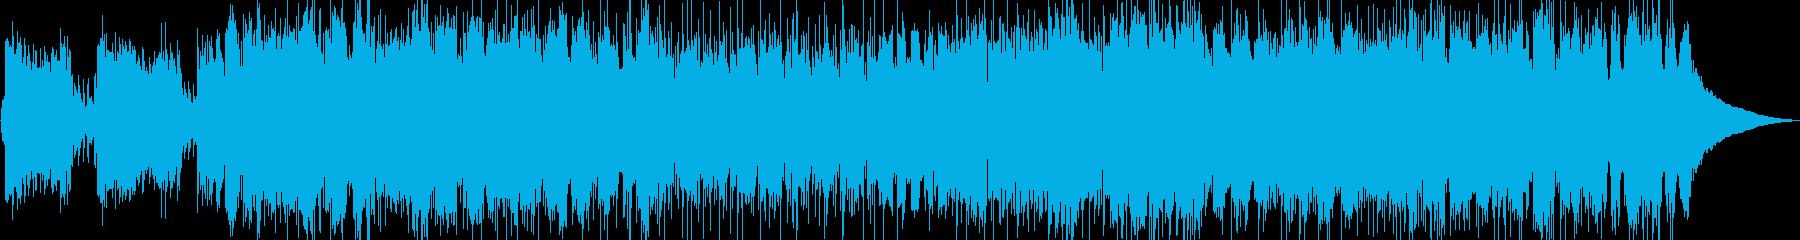 和風ロックテイストBGM 6/8拍子の再生済みの波形